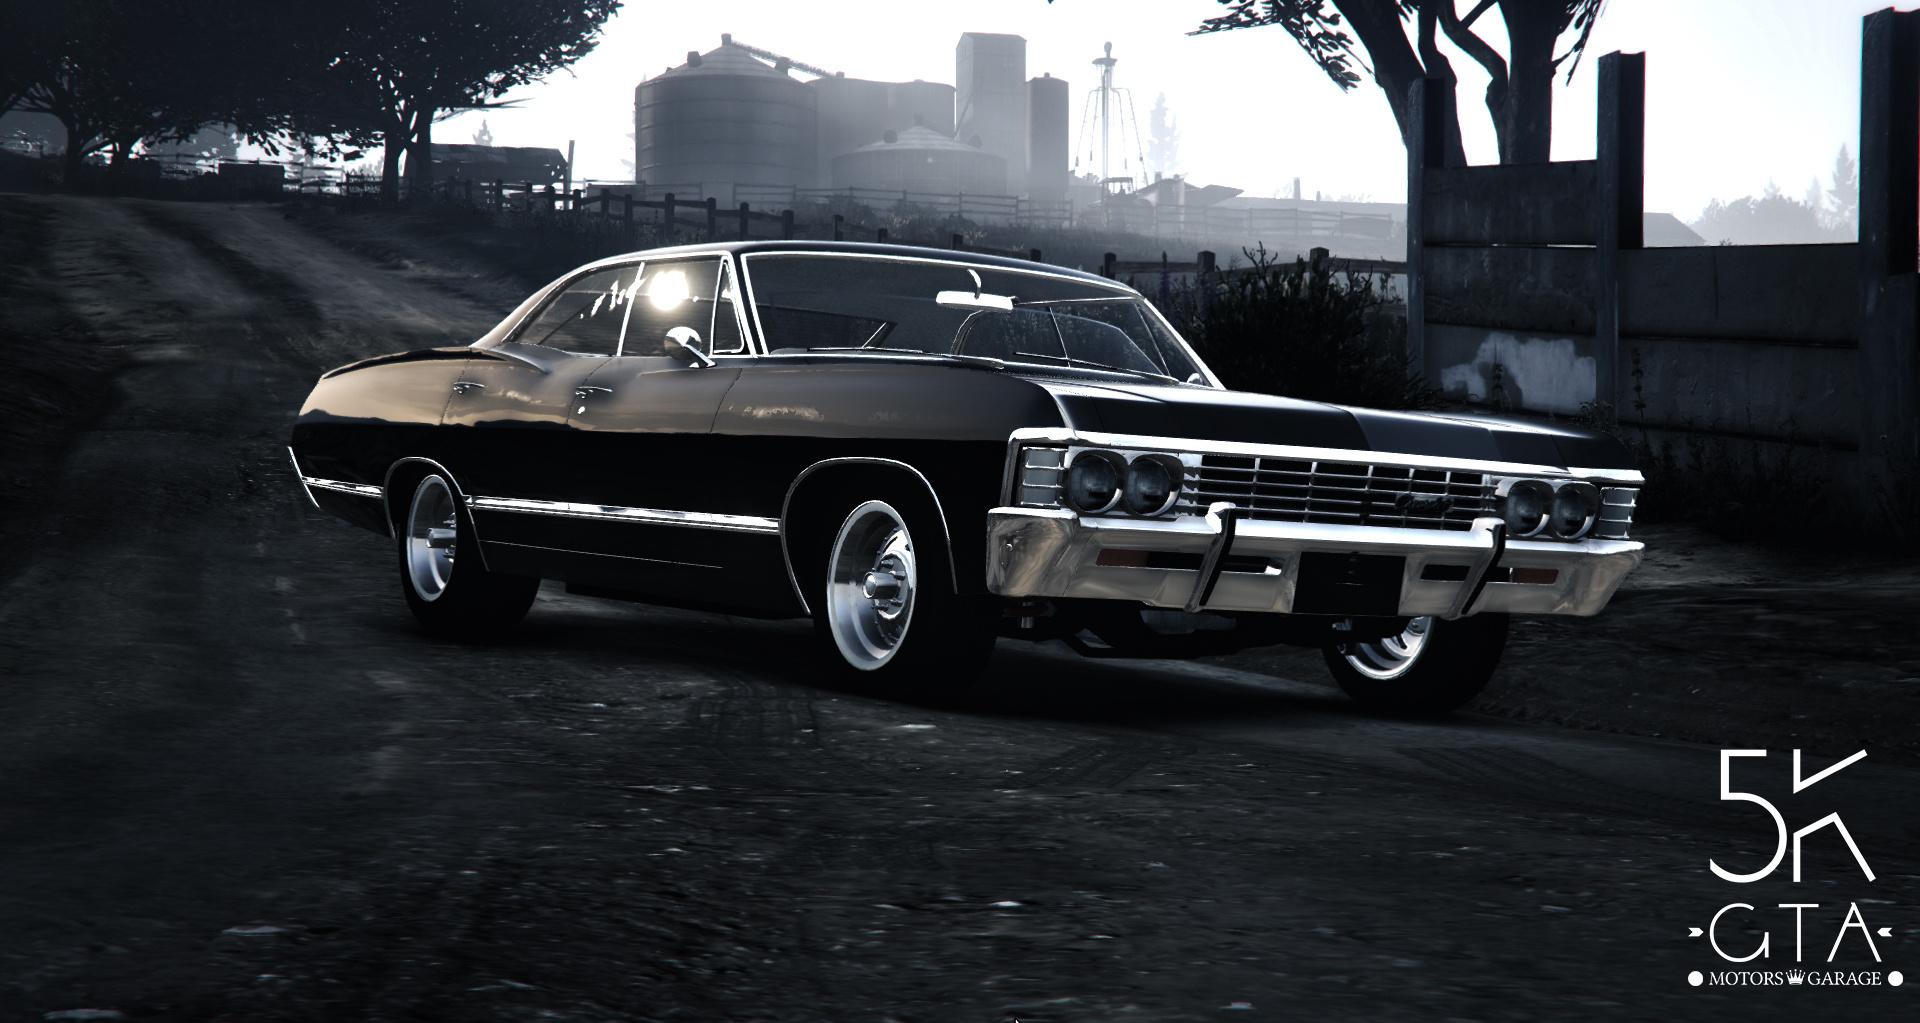 Grand Theft Auto 5 Car Wallpaper Chevrolet Impala 67 Gta5 Mods Com